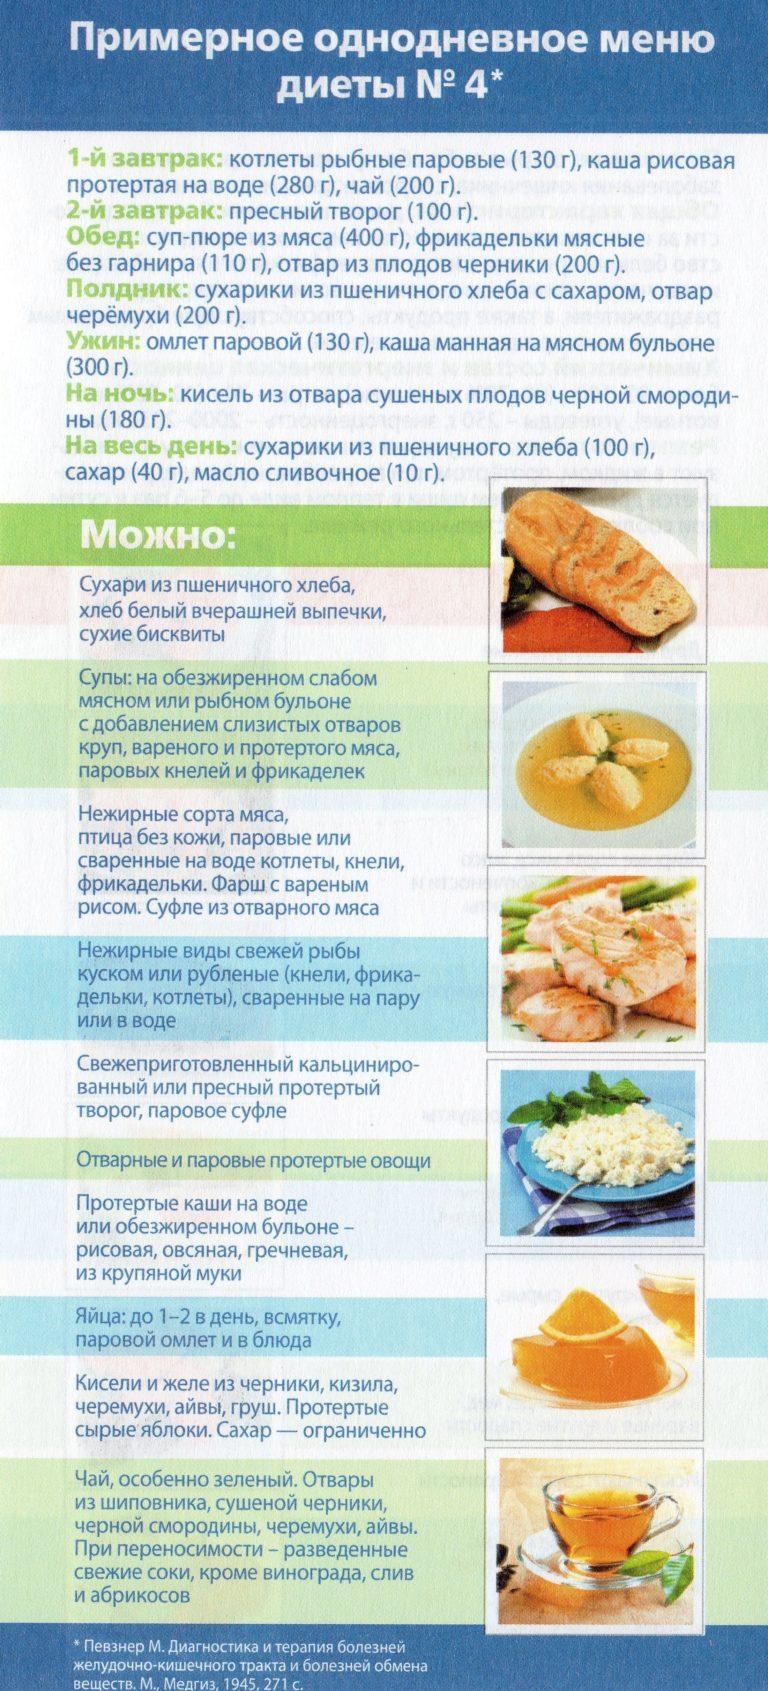 Диета на рисе меню